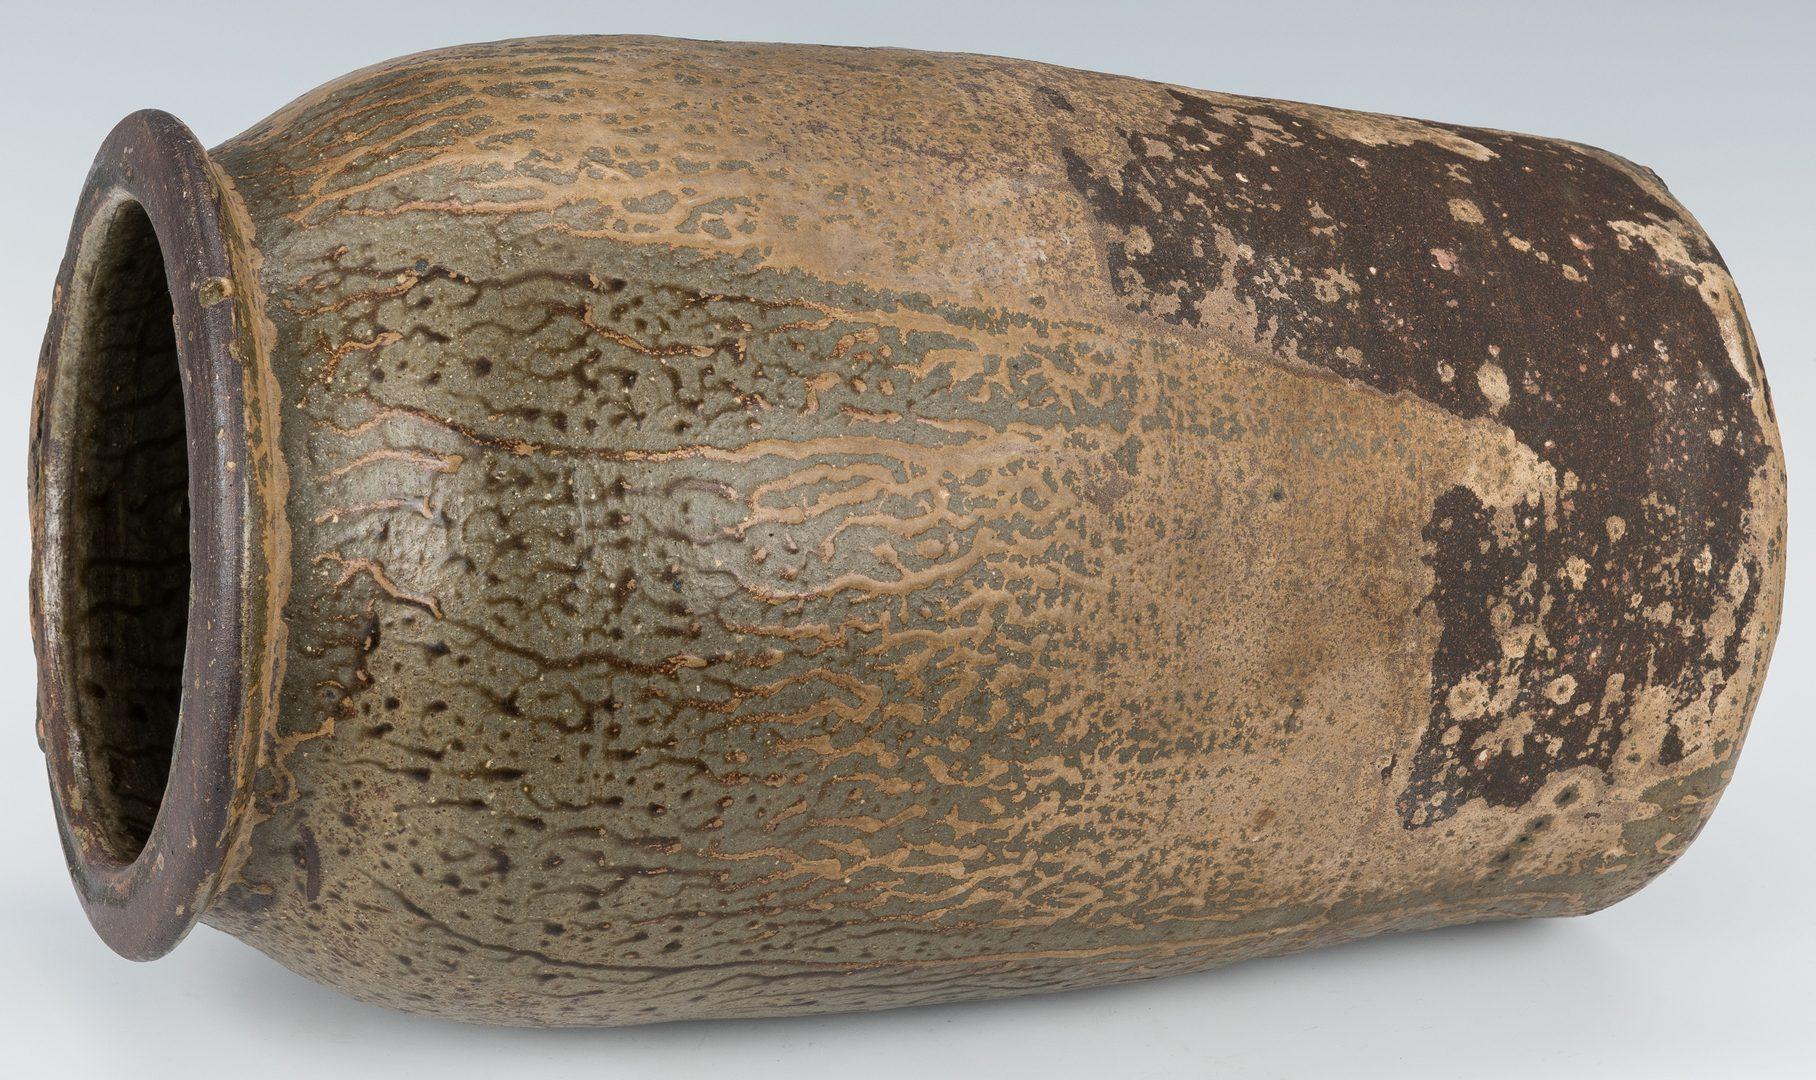 Lot 261: Georgia Alkaline Glazed Pottery Churn